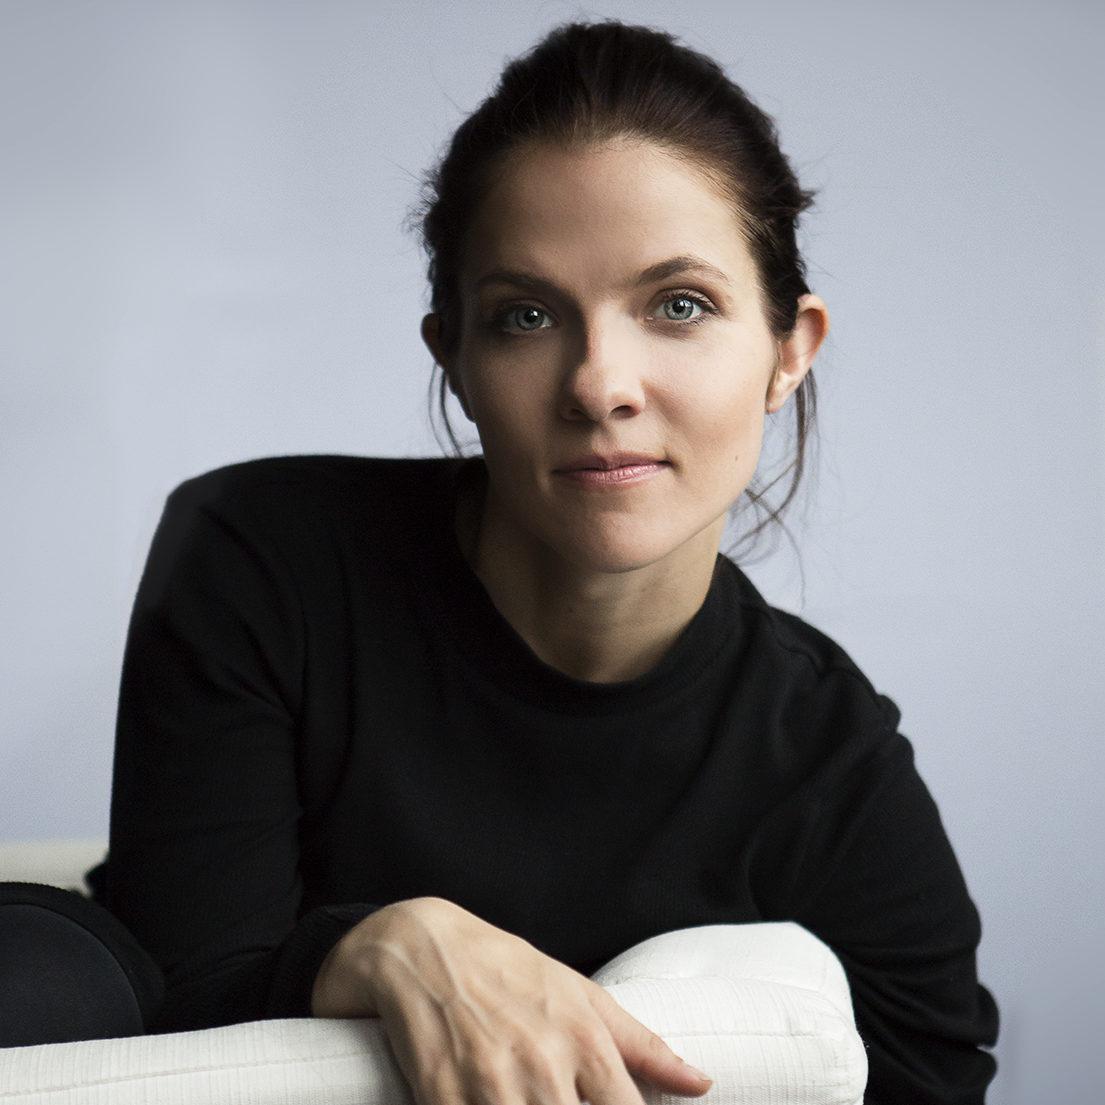 Director Anna Paavilainen - Two Bodies On A Beach - photo by Mitro Härkönen